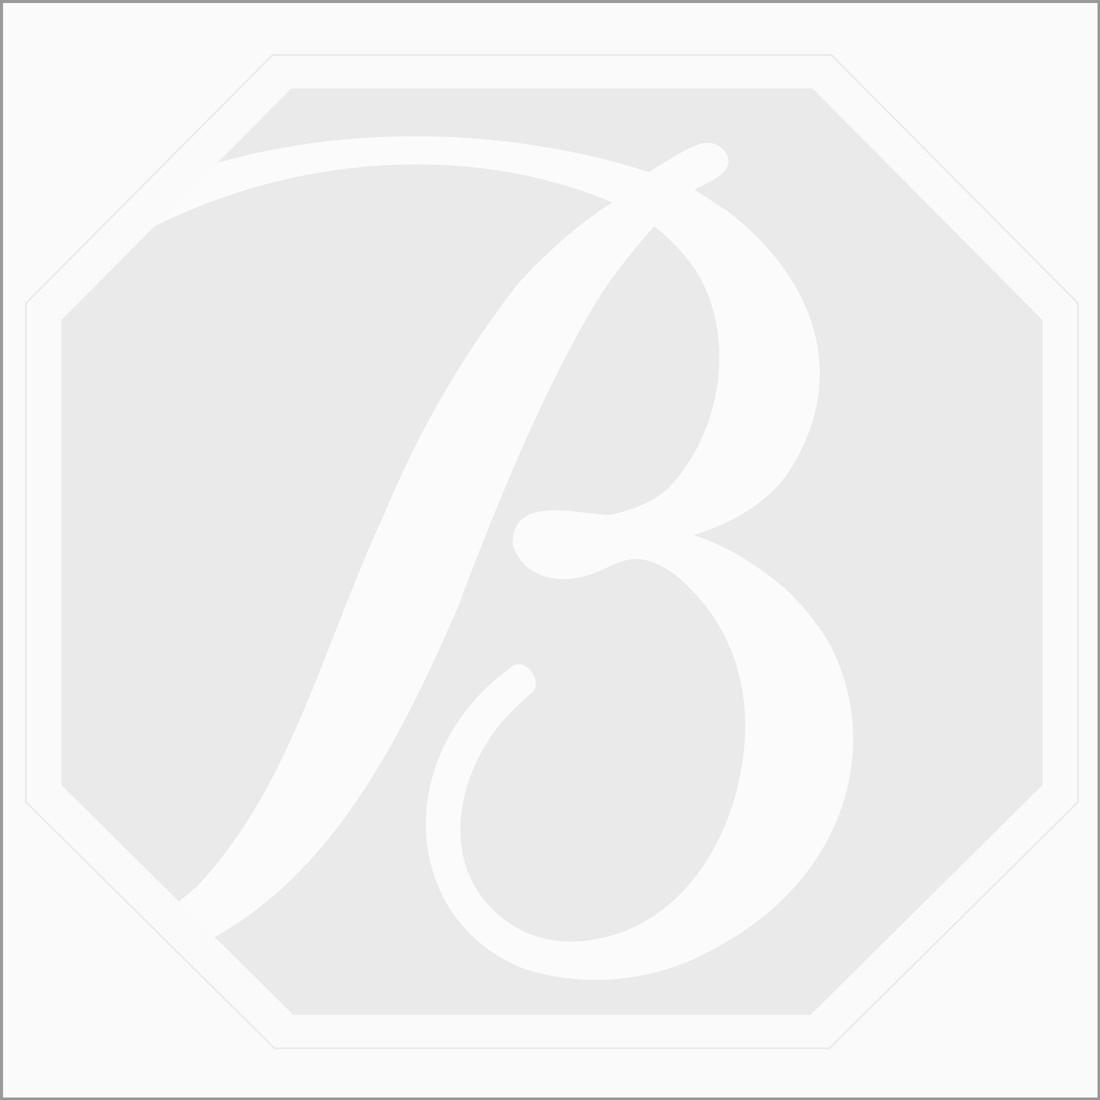 1 Pc - Dark Blue Tourmaline Rose Cut - 4.23 ct. - 13.4 x 10.3 x 3.5 mm (TRC1052)